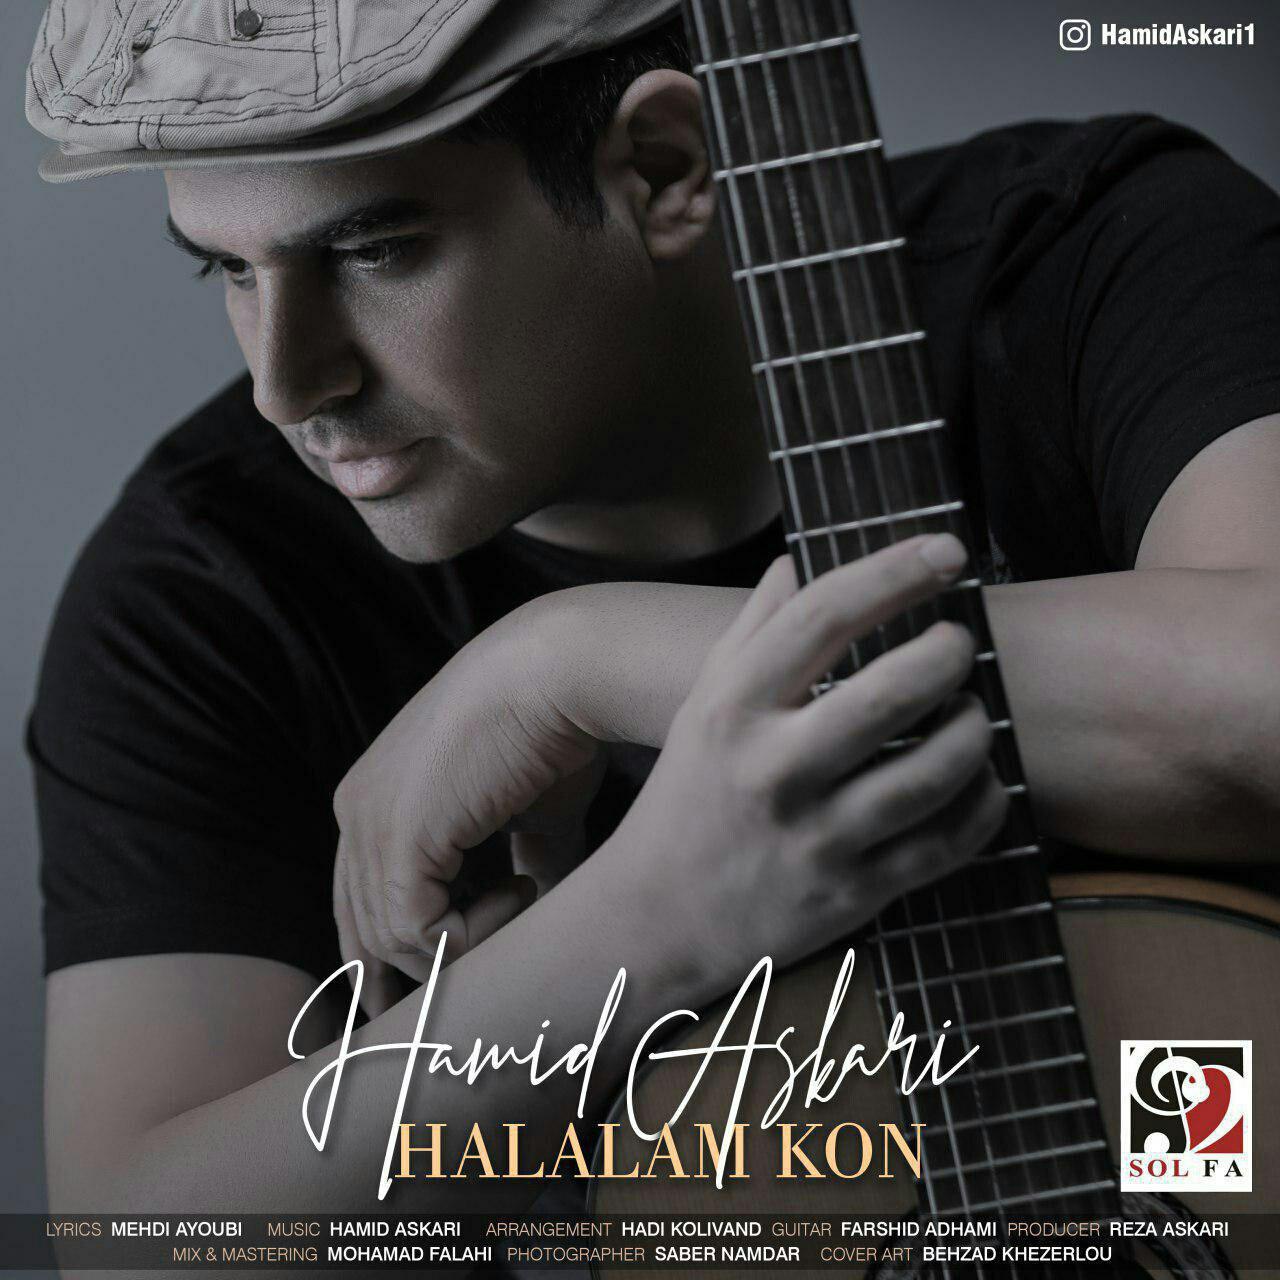 دانلود موزیک جدید و زیبای حمید عسکری بنام حلالم کن